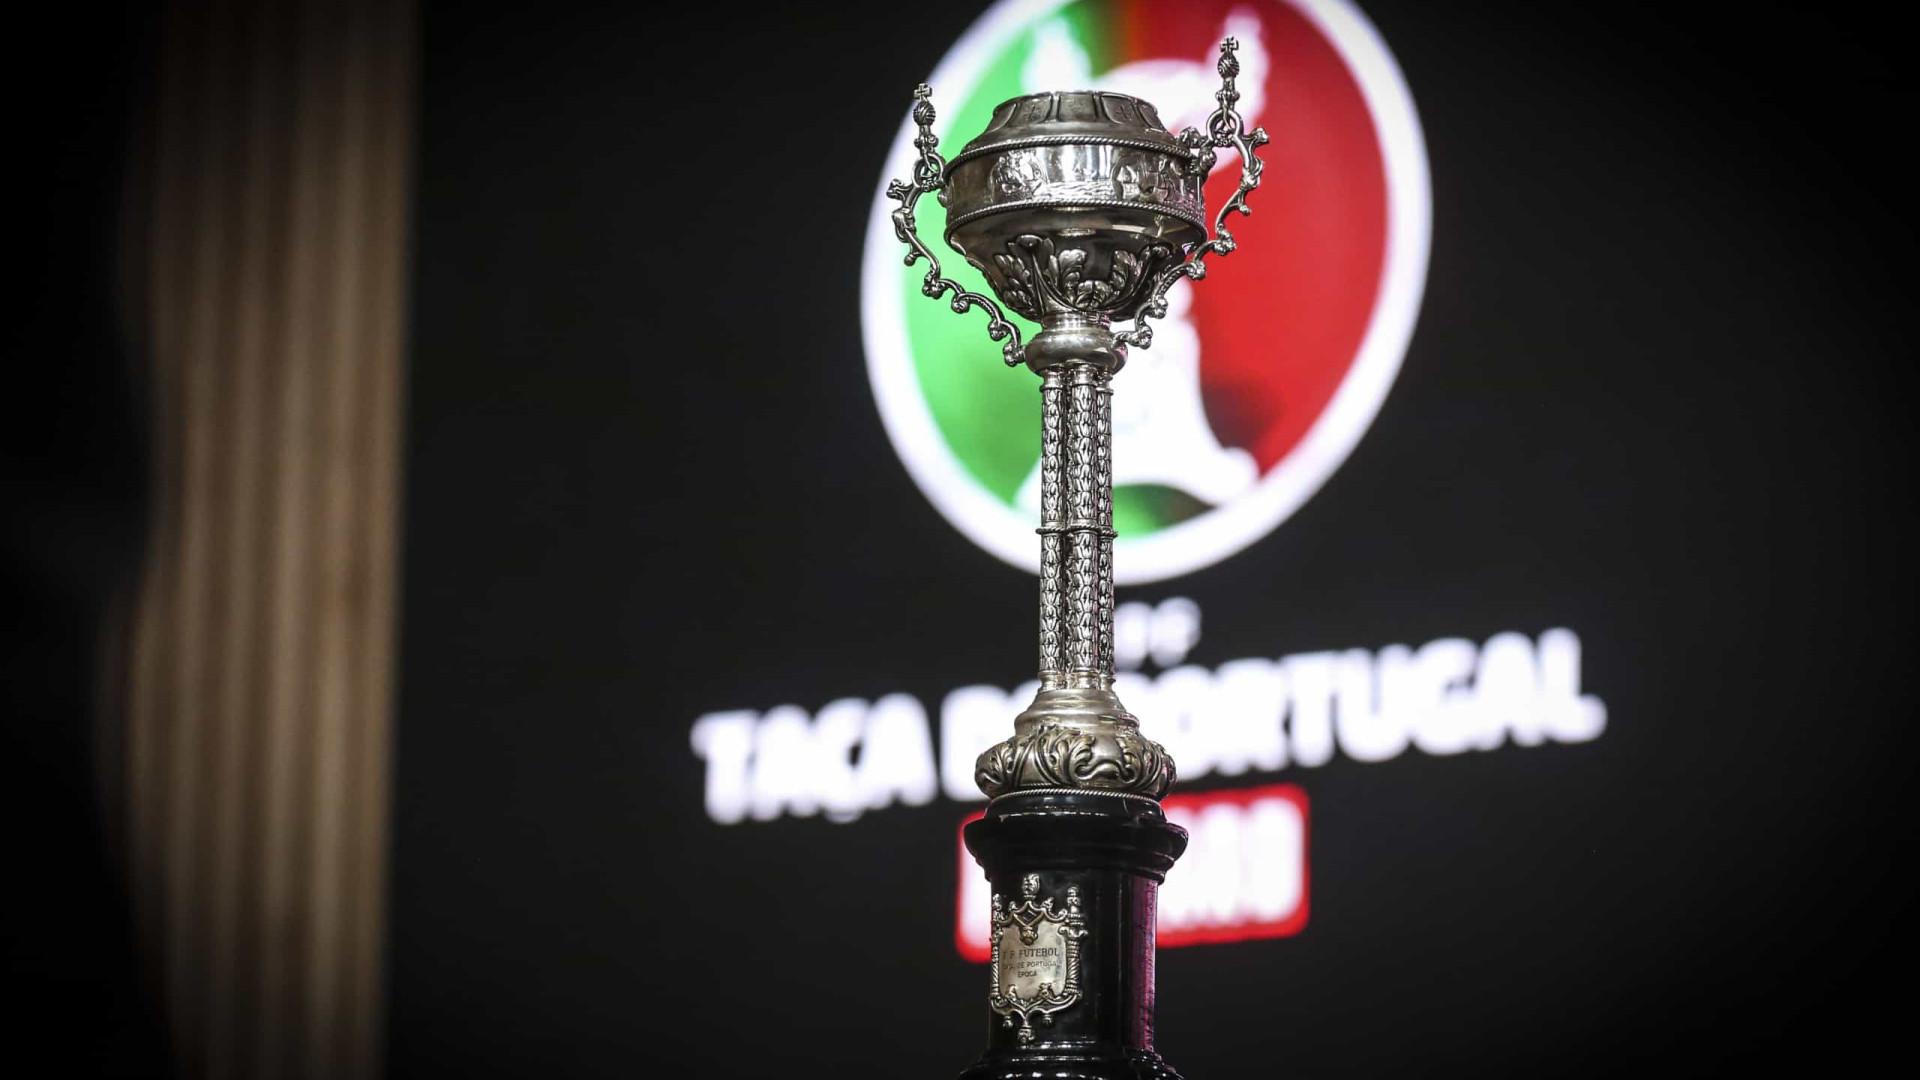 Seis equipas da I Liga tentam chegar à quarta eliminatória da Taça